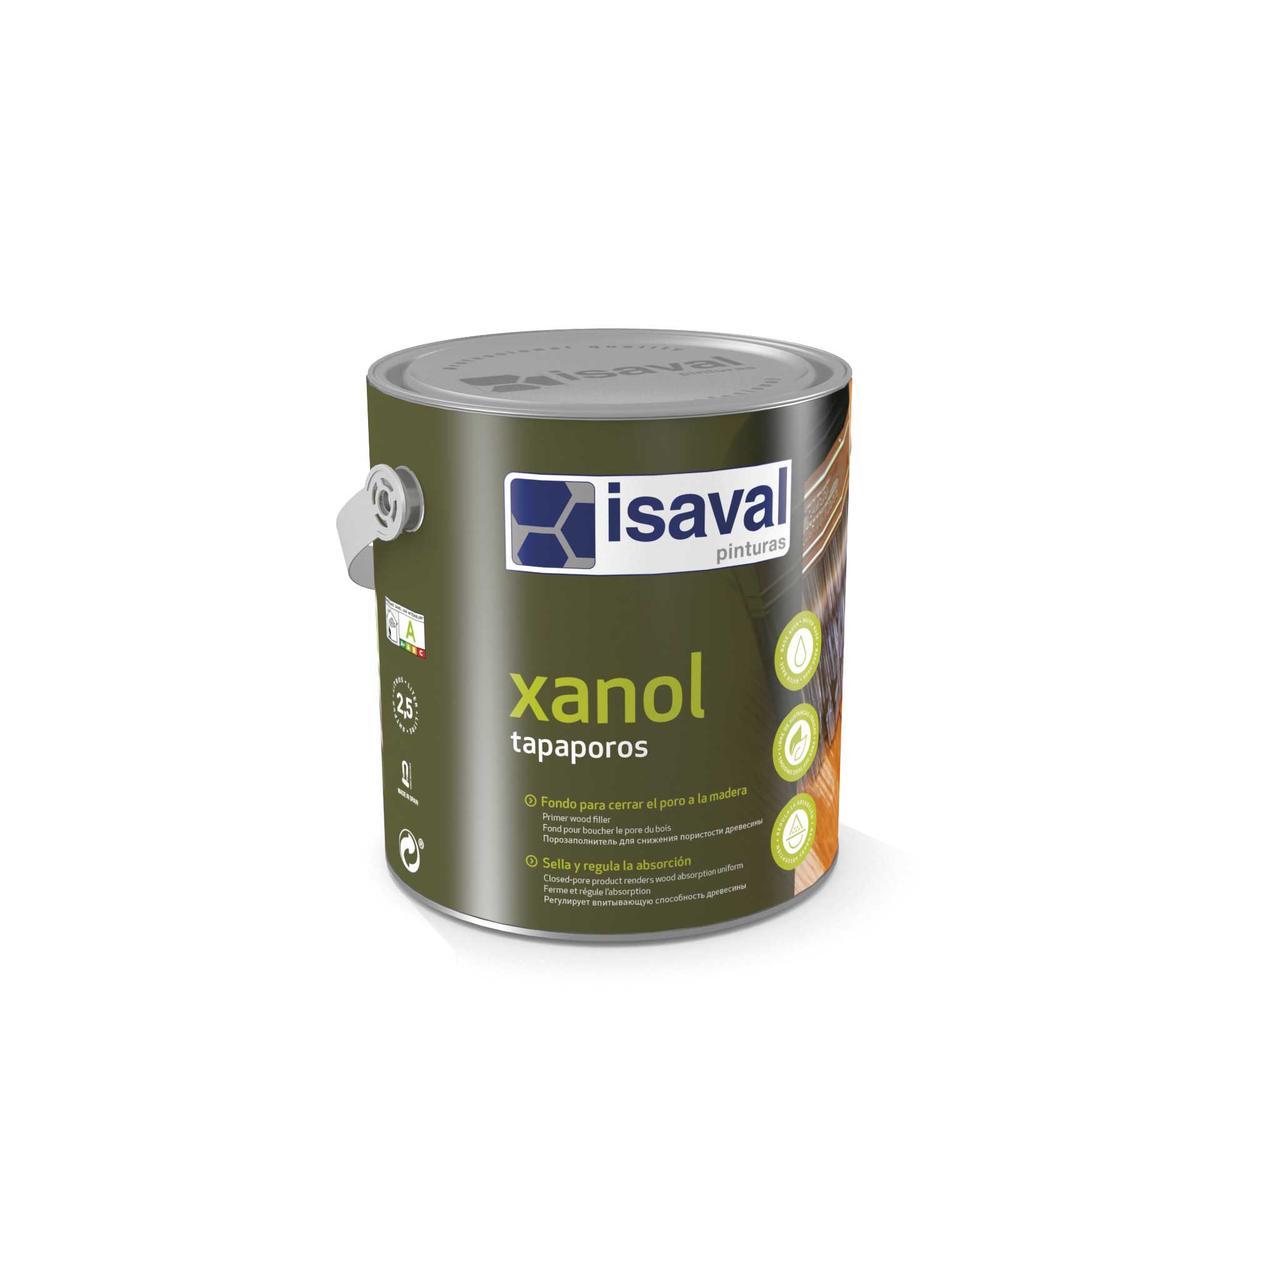 Поліуретановий ґрунт для деревини на водній основі Ксанол Тапапорос ISAVAL 0,75л≈8м²/шар